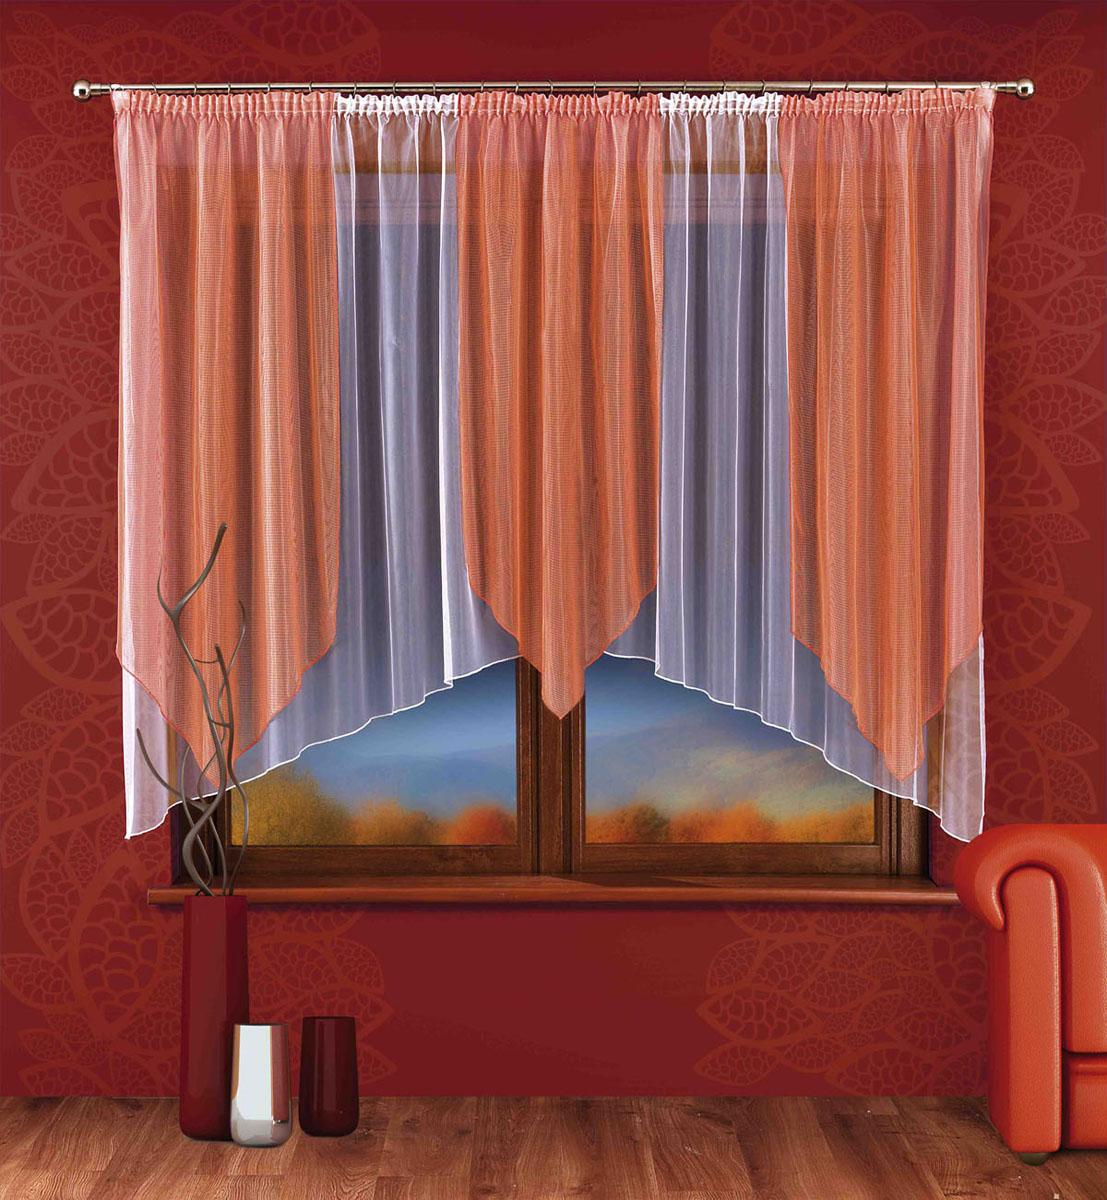 Гардина Pamela, на ленте, цвет: белый, оранжевый, высота 170 см745692Легкая гардина Pamela, изготовленная из полиэстера белого и оранжевого цветов, станет великолепным украшением любого окна. Тонкое плетение, оригинальный принт, приятная цветовая гамма привлекут к себе внимание и органично впишутся в интерьер комнаты. В гардину вшита шторная лента для собирания в сборки. Характеристики: Материал: 100% полиэстер. Цвет: белый, оранжевый. Размер упаковки: 25 см х 33 см х 6 см. Артикул: 745692. В комплект входит: Гардина - 1 шт. Размер (ШхВ): 250 см х 170 см. Фирма Wisan на польском рынке существует уже более пятидесяти лет и является одной из лучших польских фабрик по производству штор и тканей. Ассортимент фирмы представлен готовыми комплектами штор для гостиной, детской, кухни, а также текстилем для кухни (скатерти, салфетки, дорожки, кухонные занавески). Модельный ряд отличает оригинальный дизайн, высокое качество. Ассортимент продукции постоянно пополняется. ...